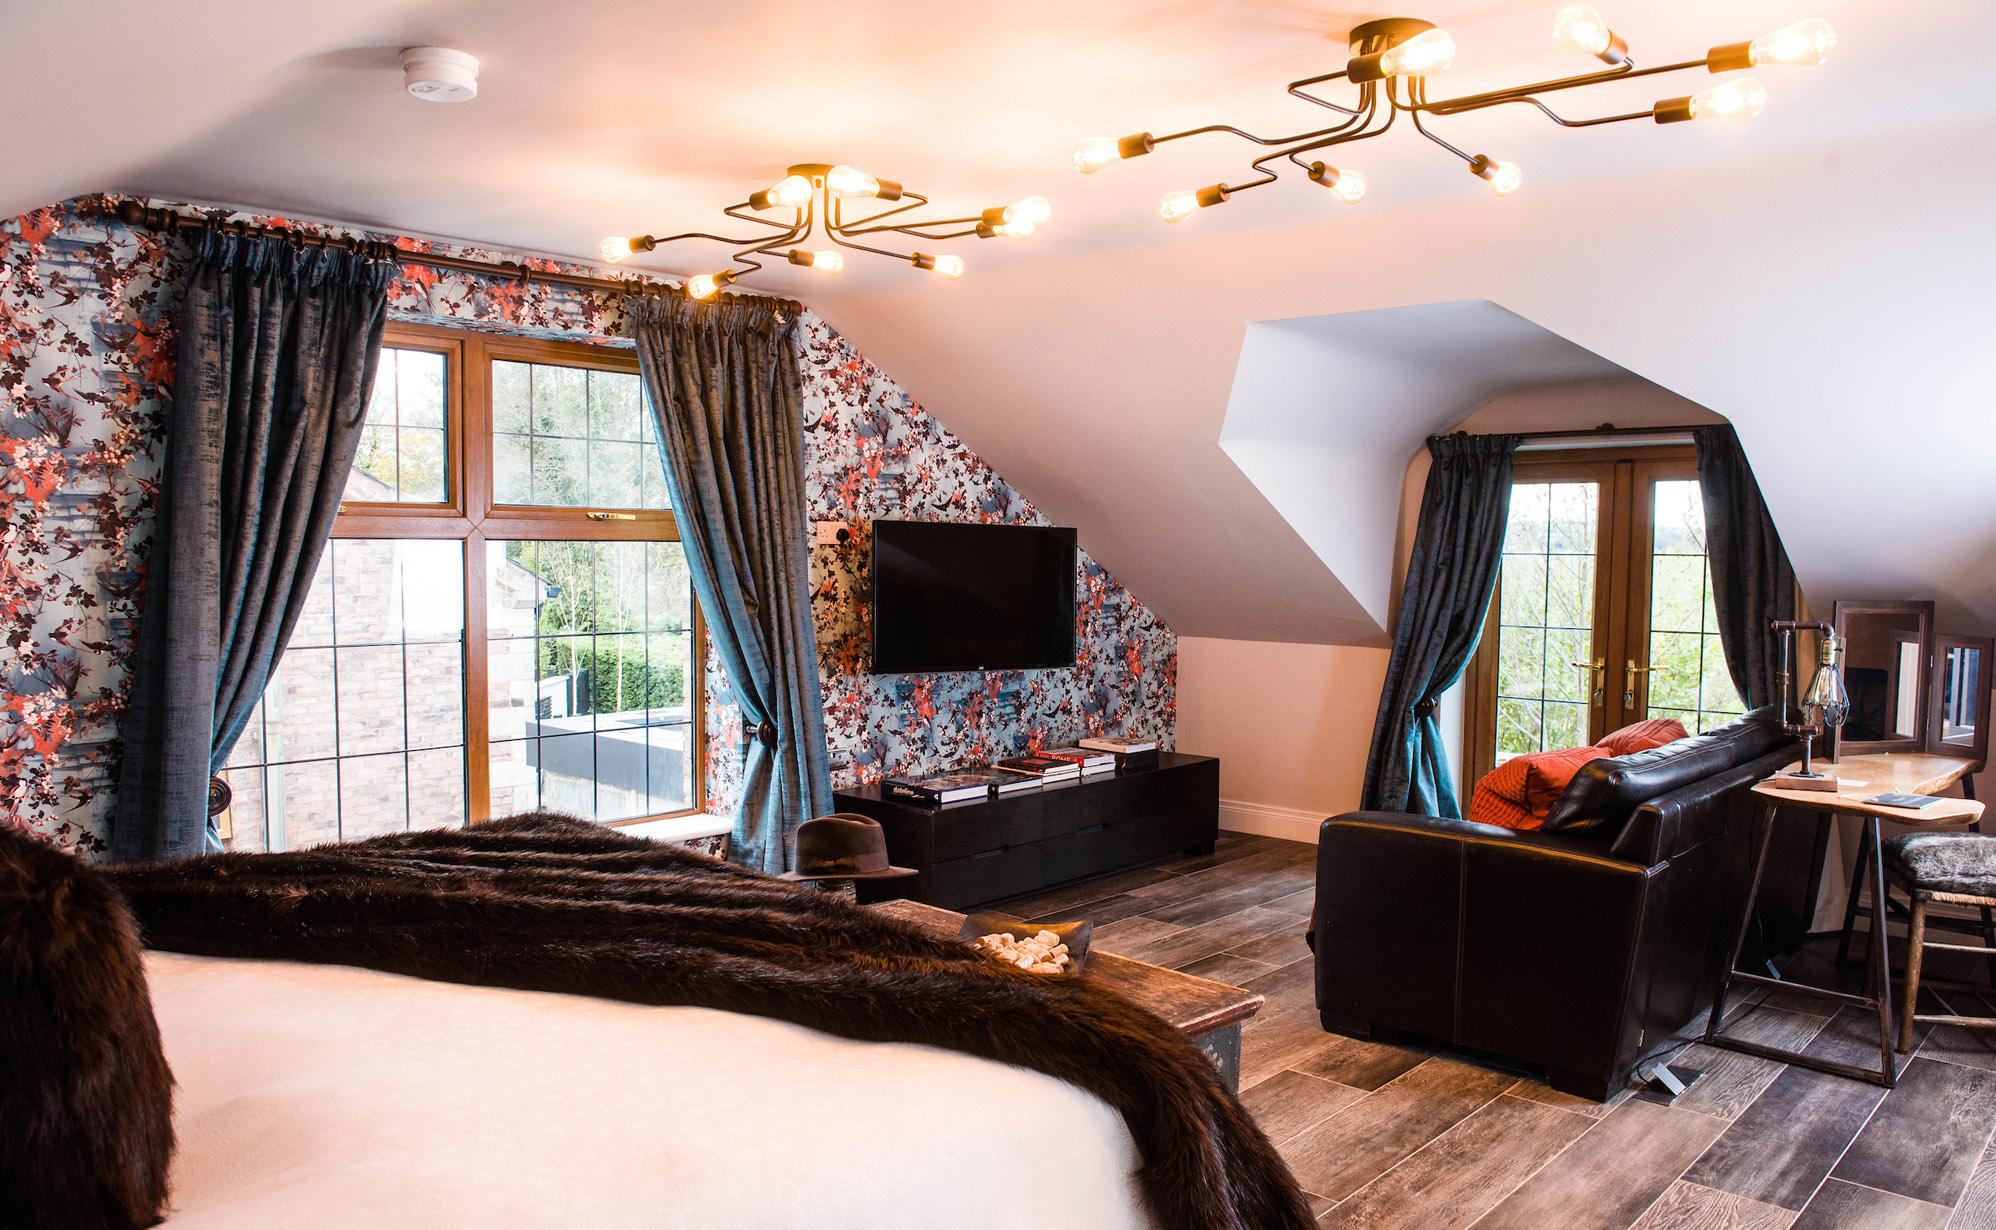 Loft Suite space